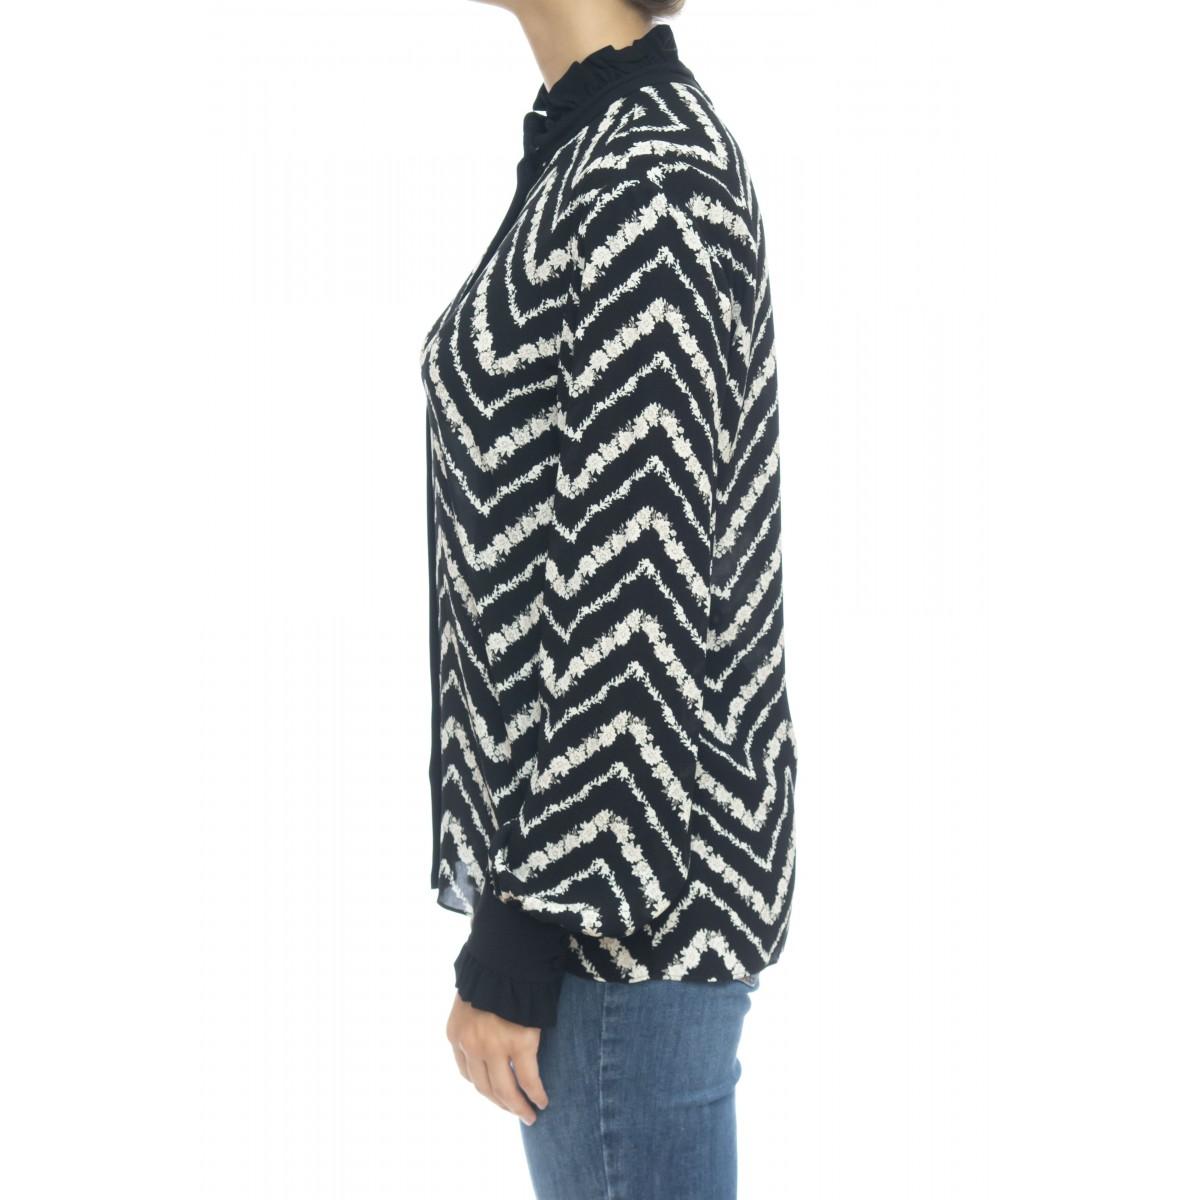 Camicia donna - 2529 camicia stampata